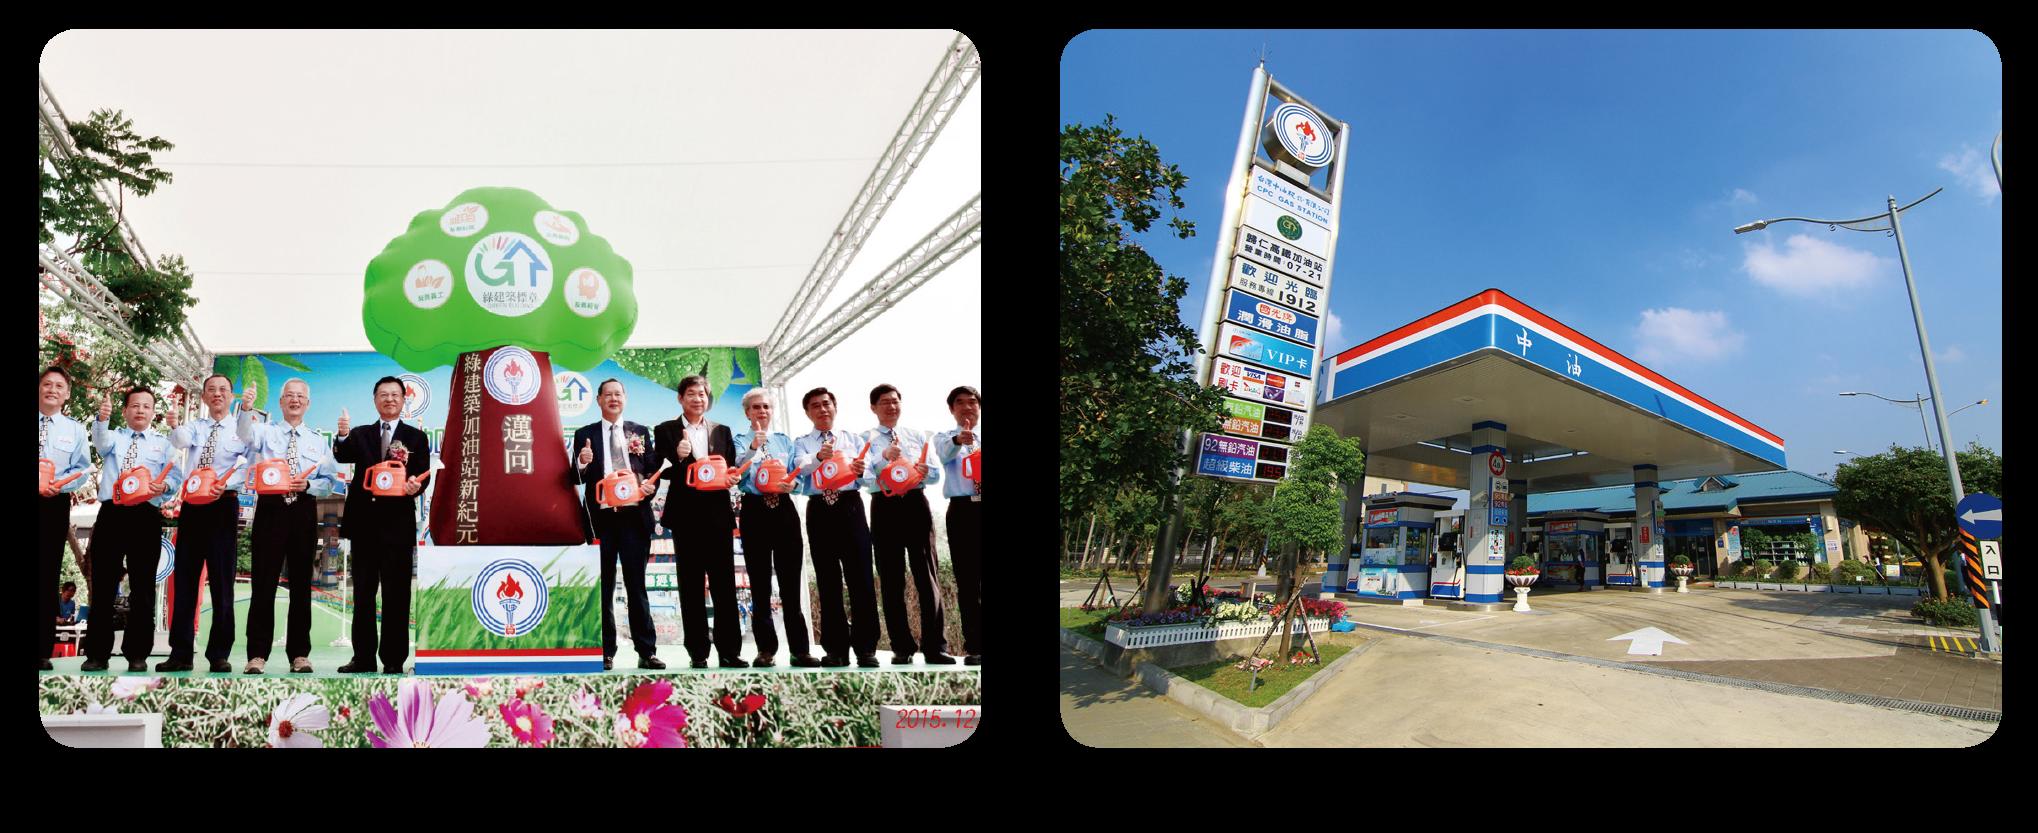 邁向綠建築加油站新紀元宣誓活動、歸仁高鐵加油站